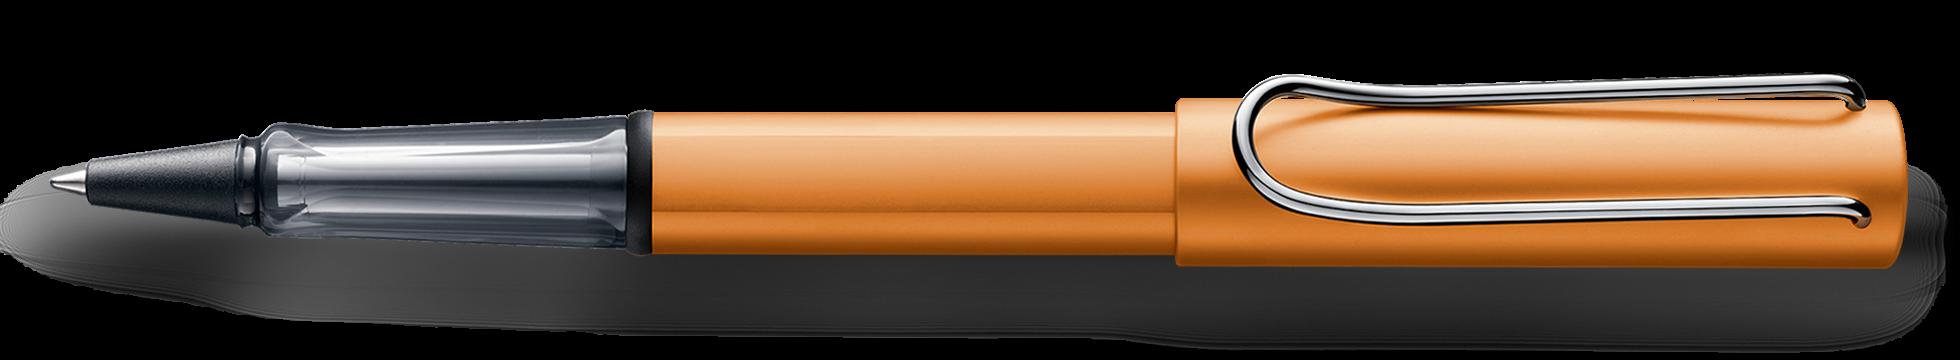 LAMY AL-star Rollerball pen